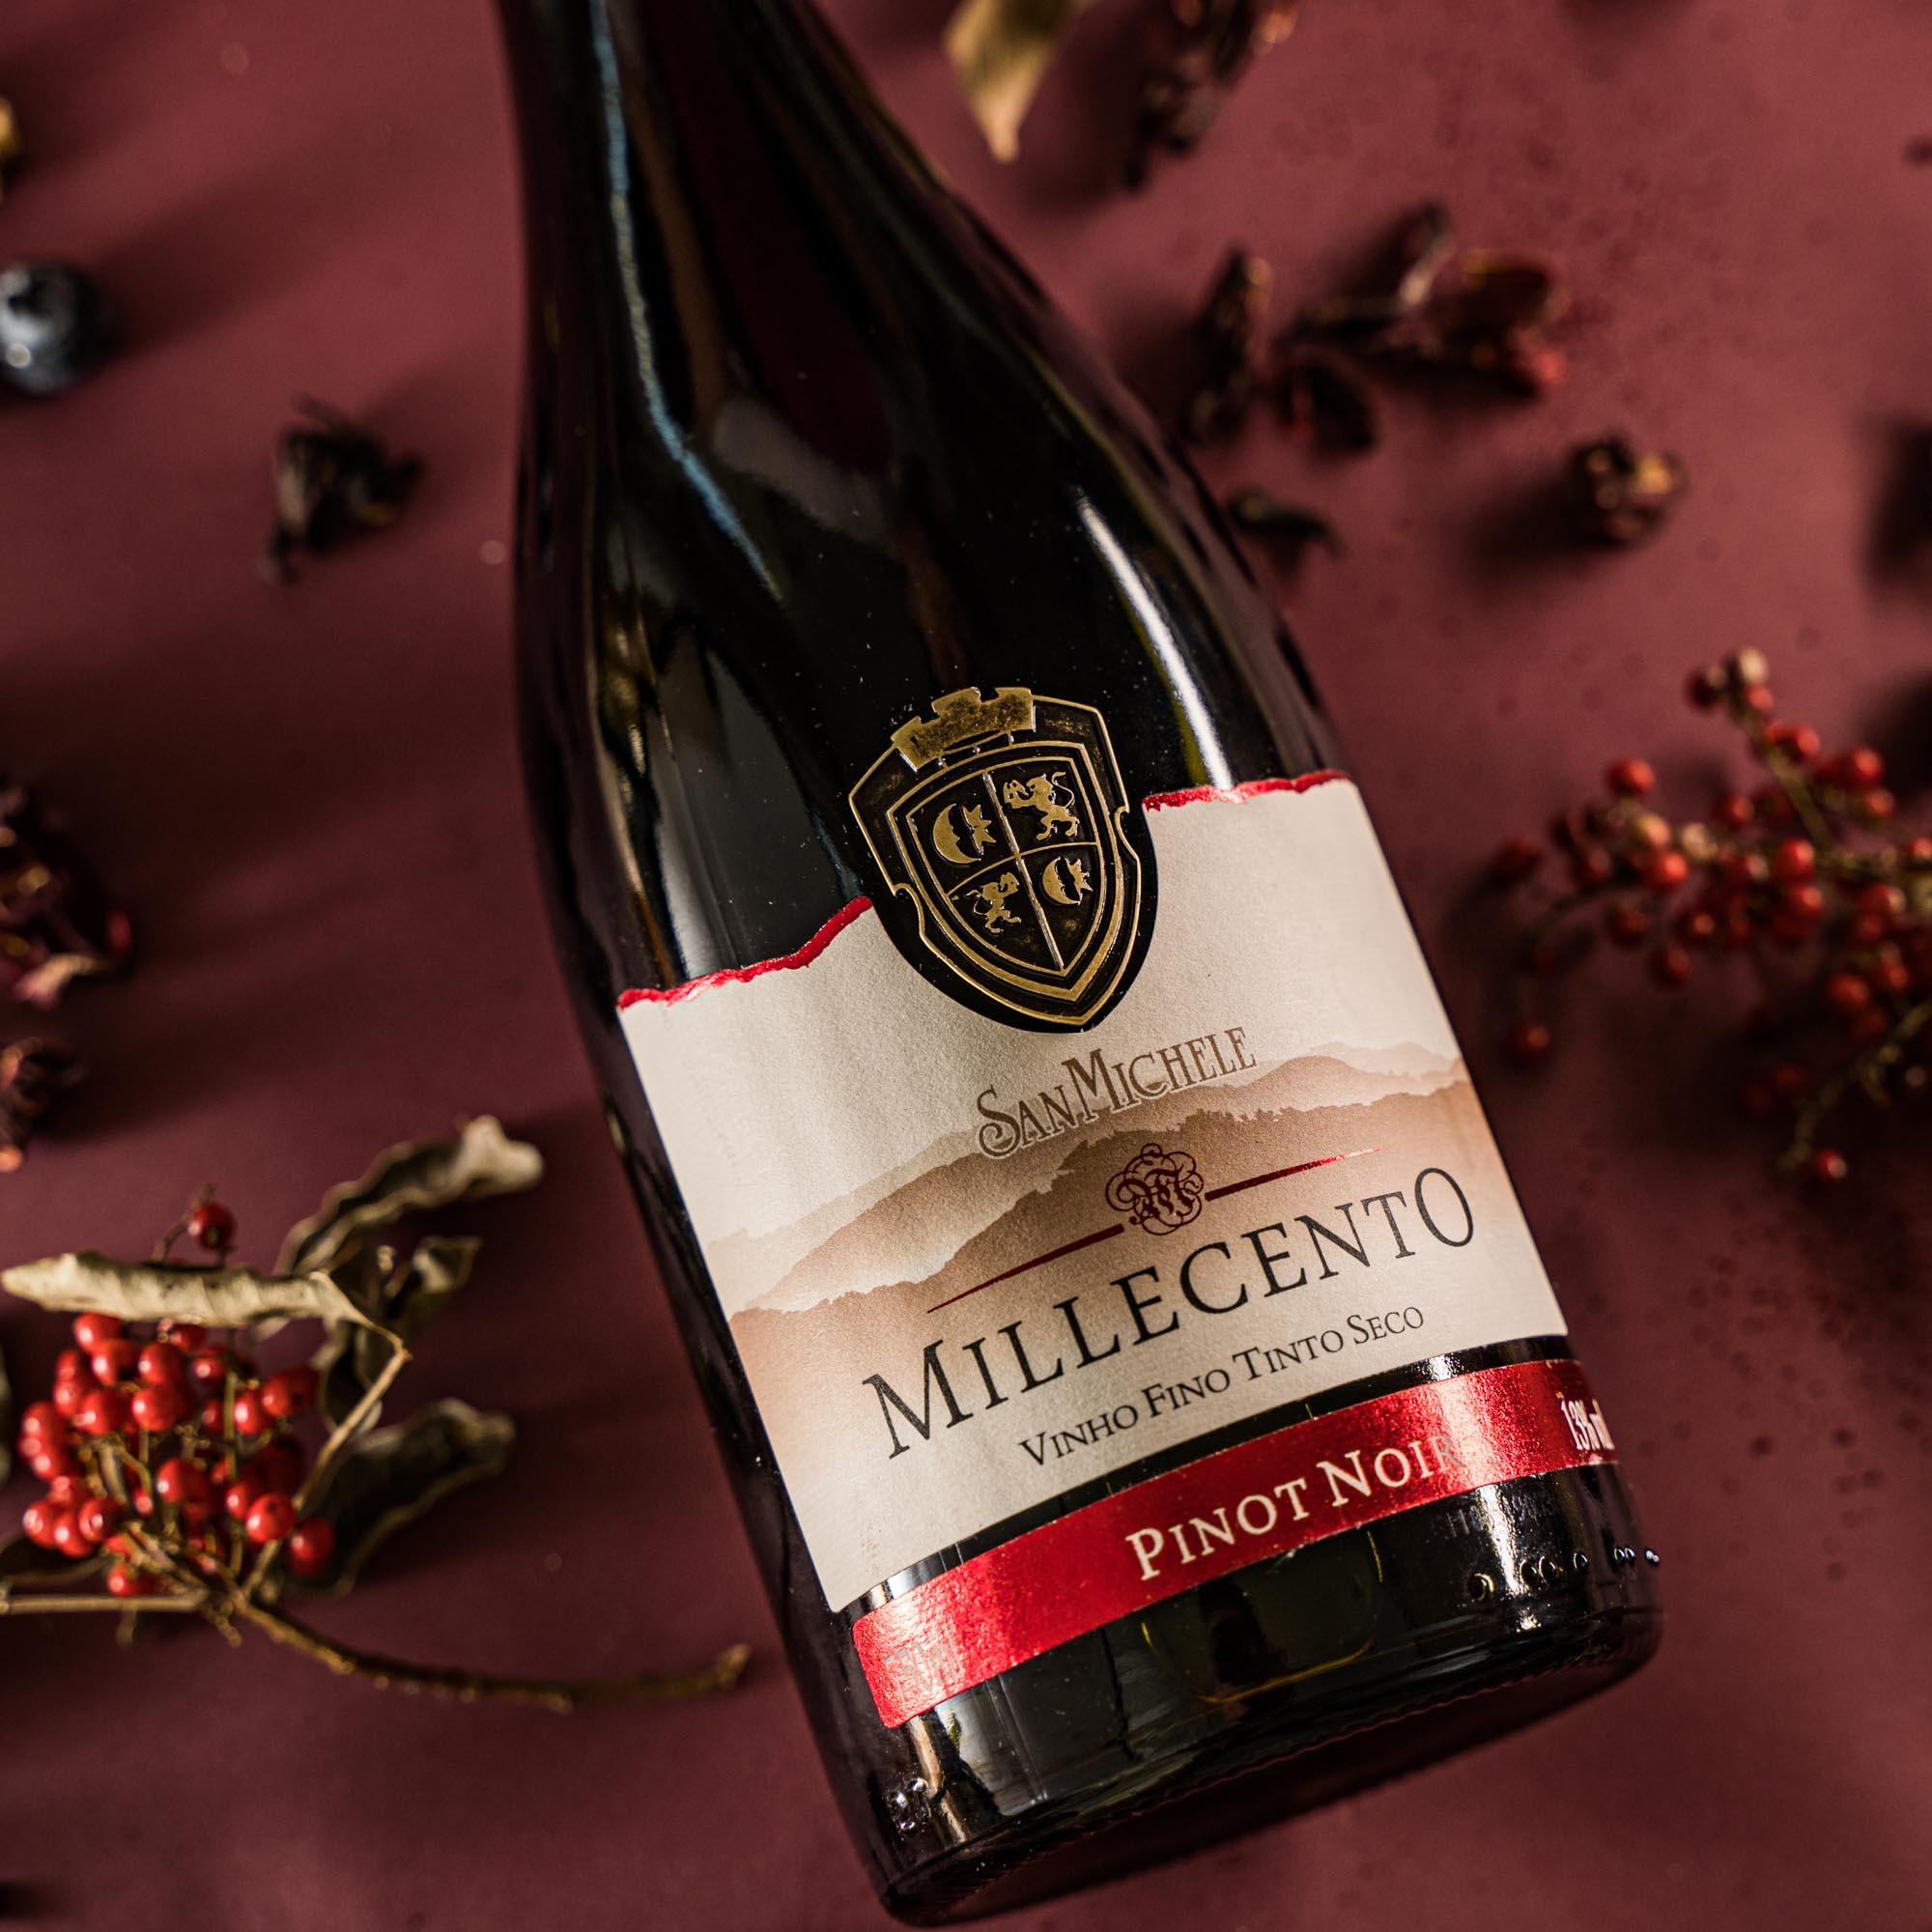 Vinho Tinto Millecento - Pinot Noir 2019 - Vinícola San Michele